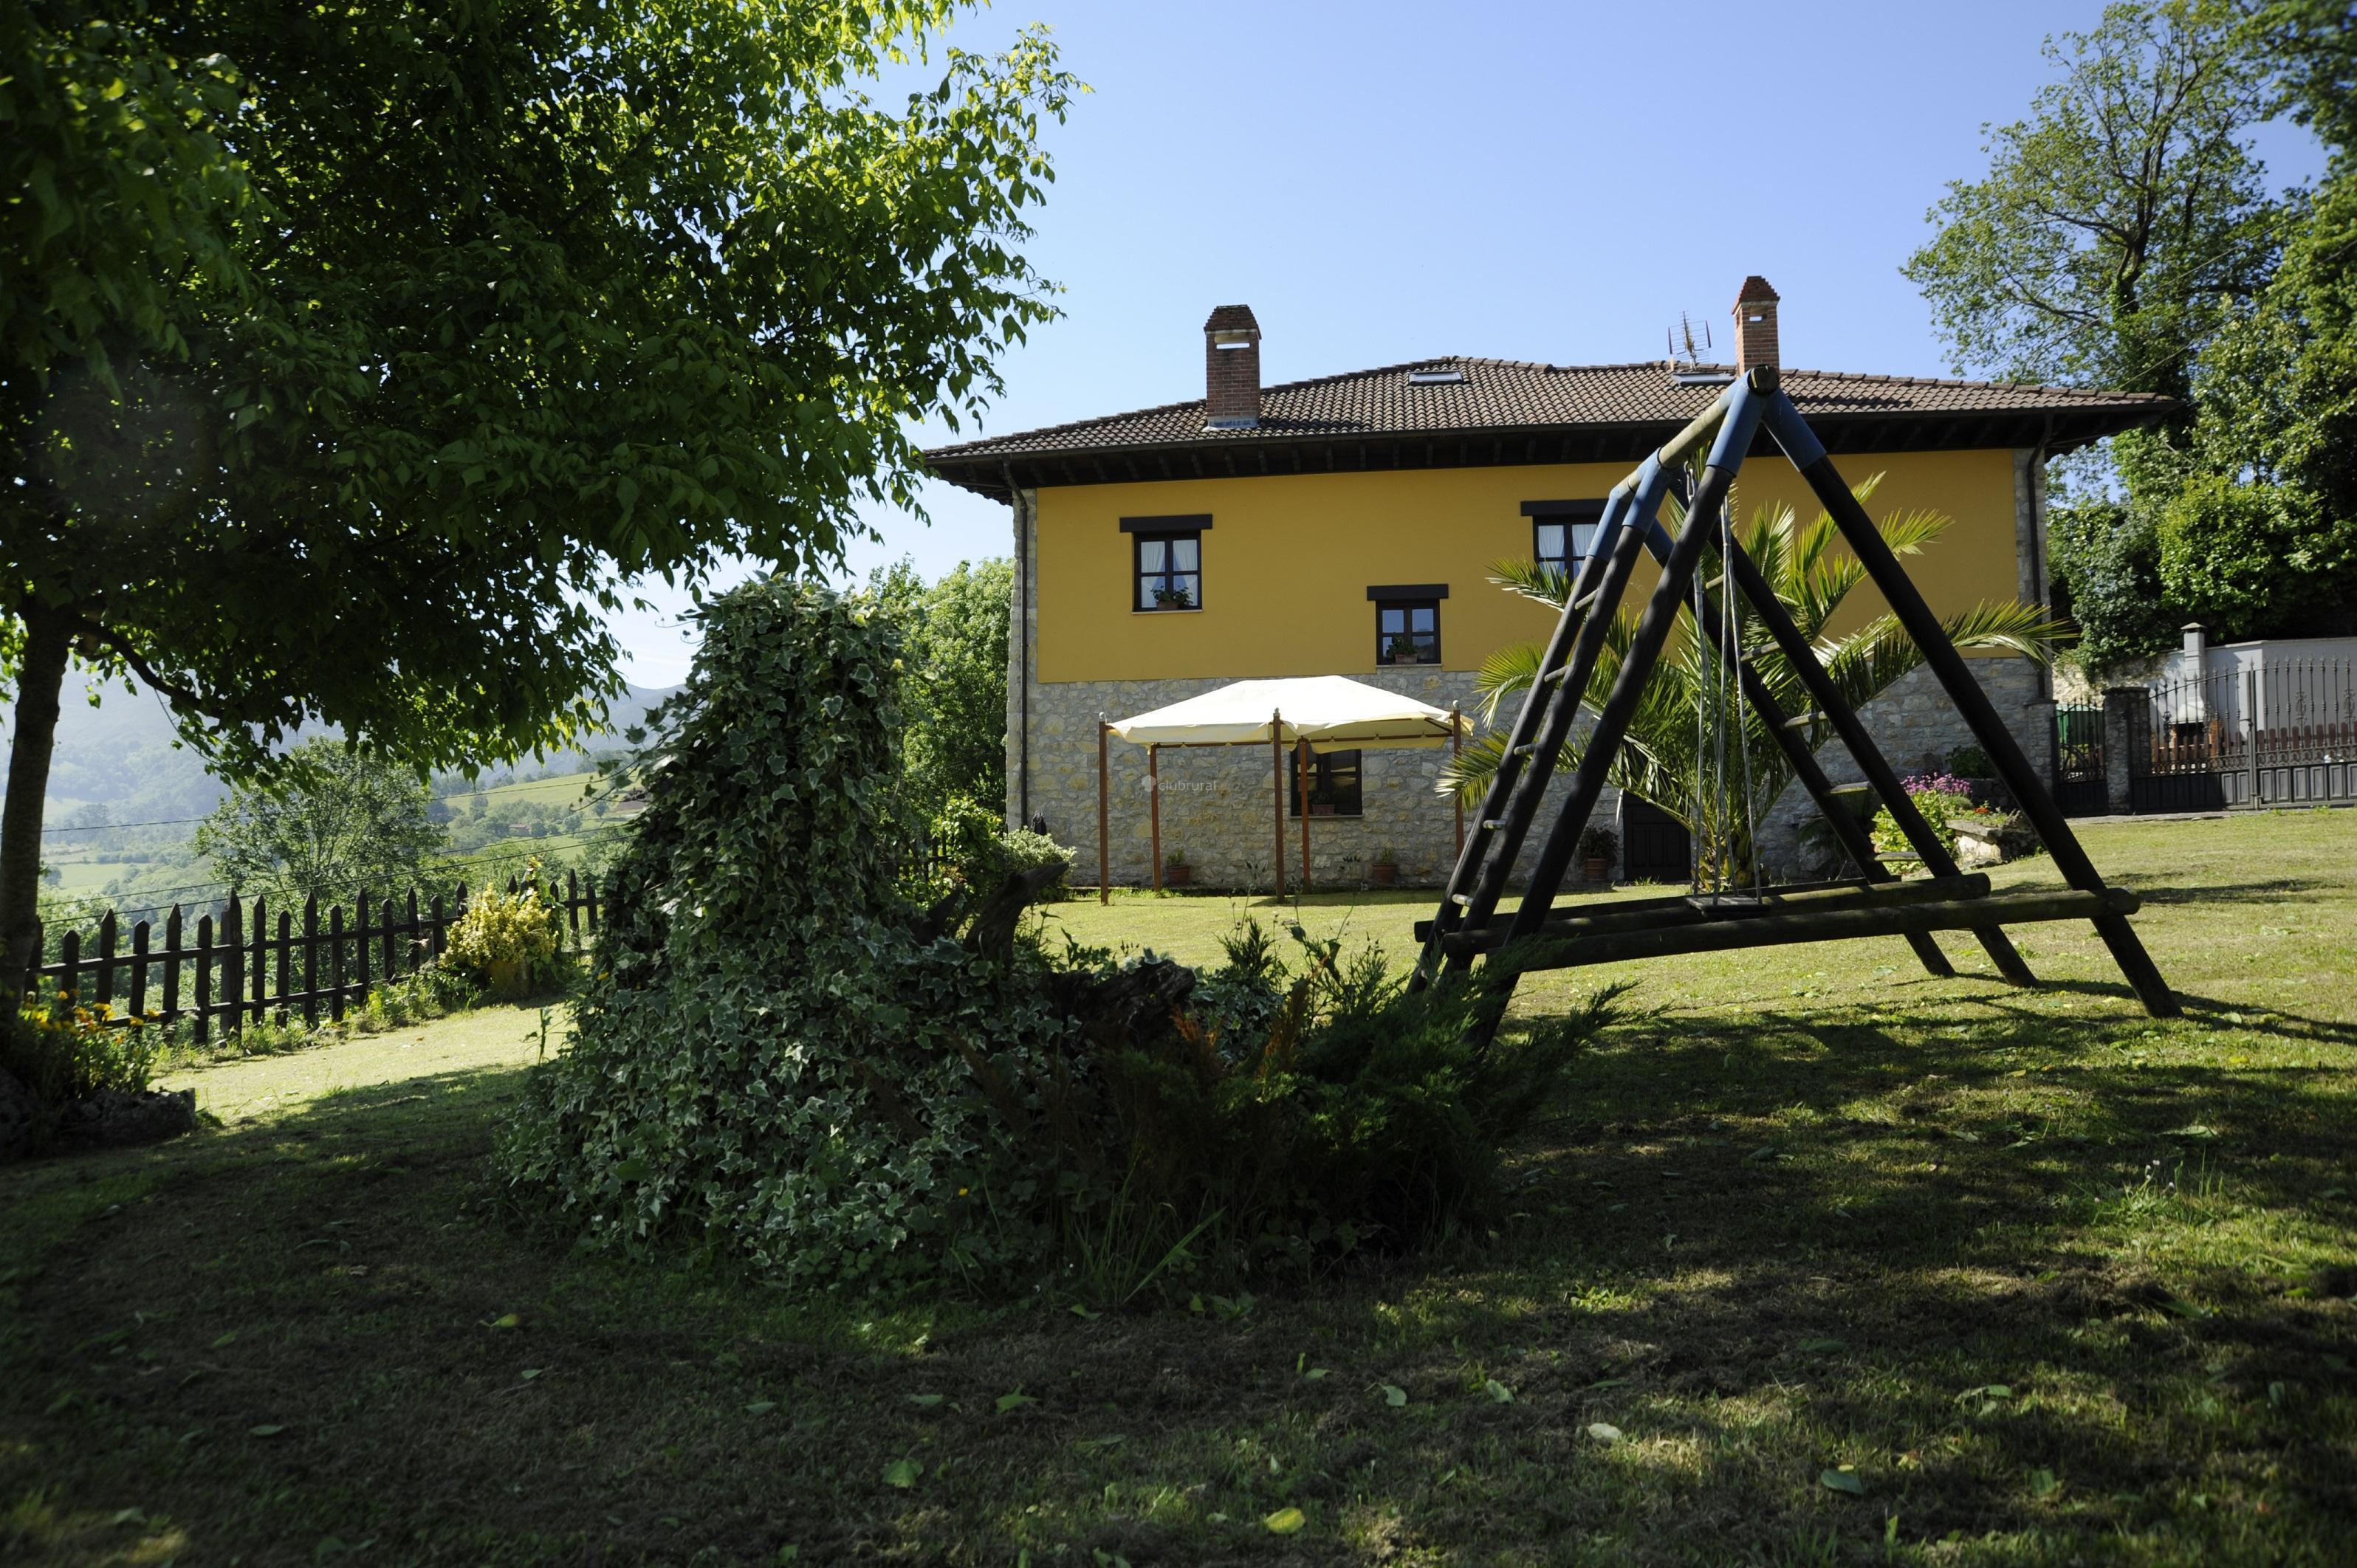 Fotos de el uncal asturias pilo a clubrural - Casa rural asturias mascotas ...